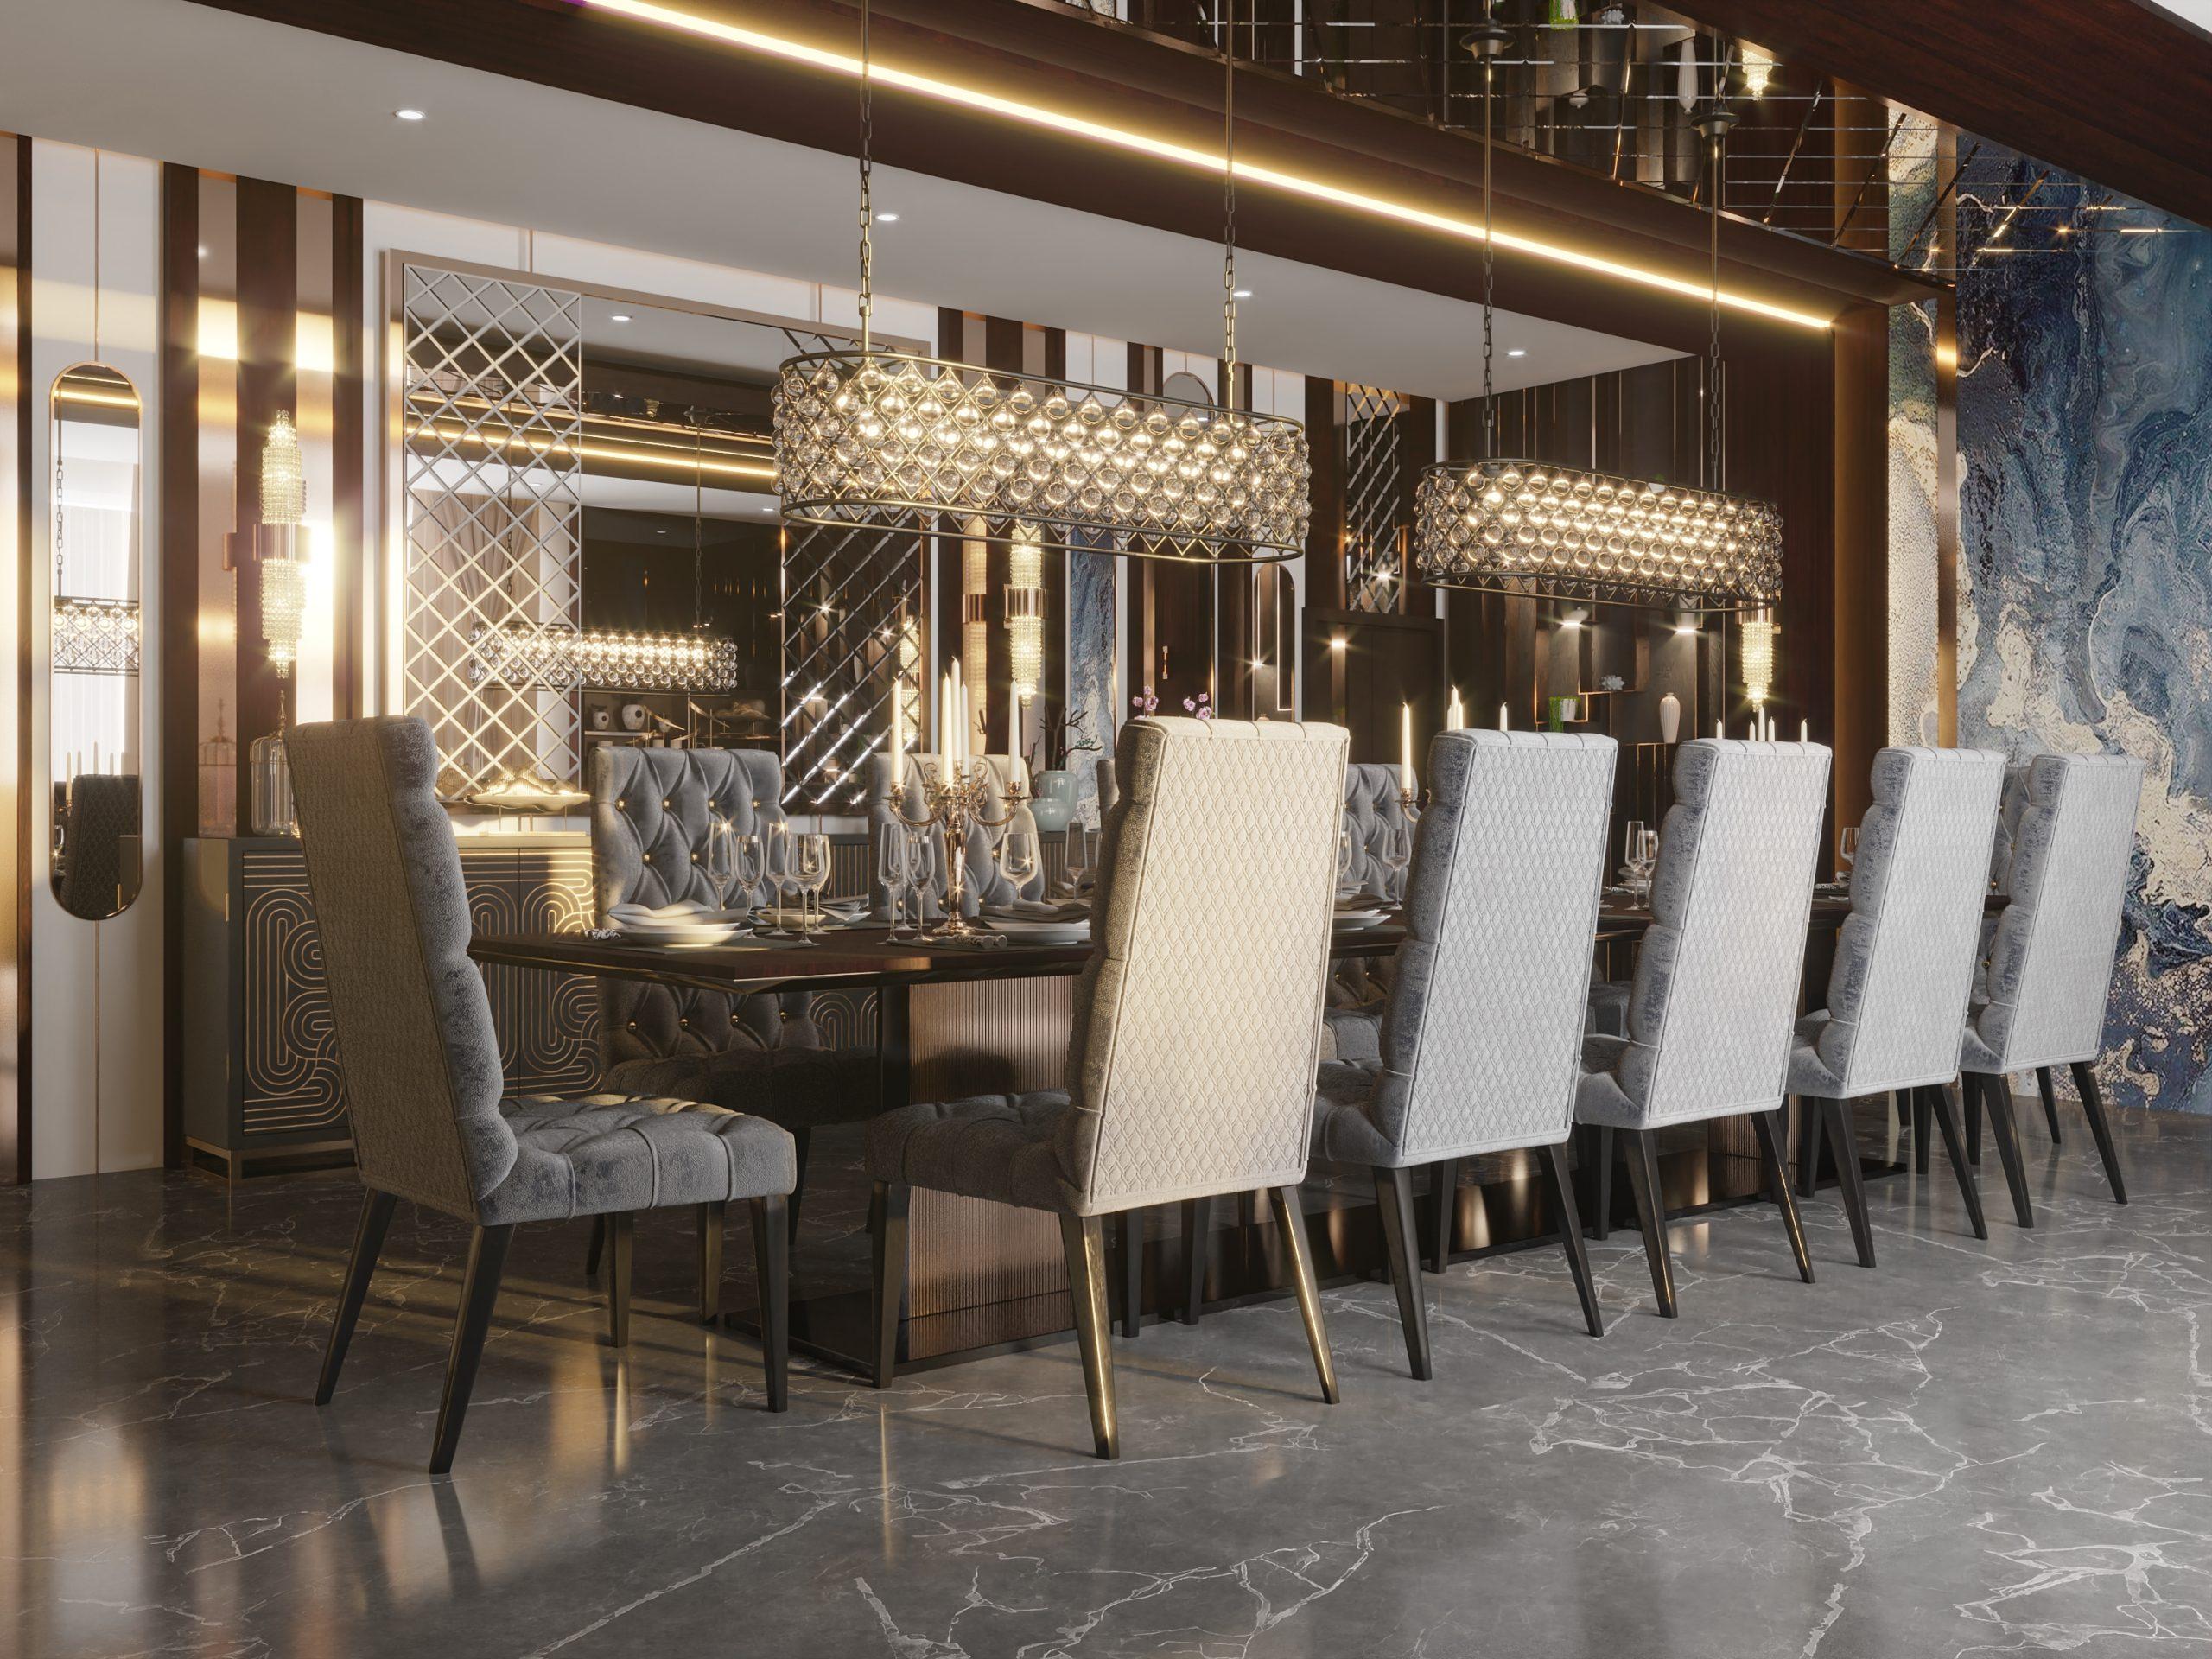 CROSSES DESIGN - MIRRORS DESIGN - DINING ROOM